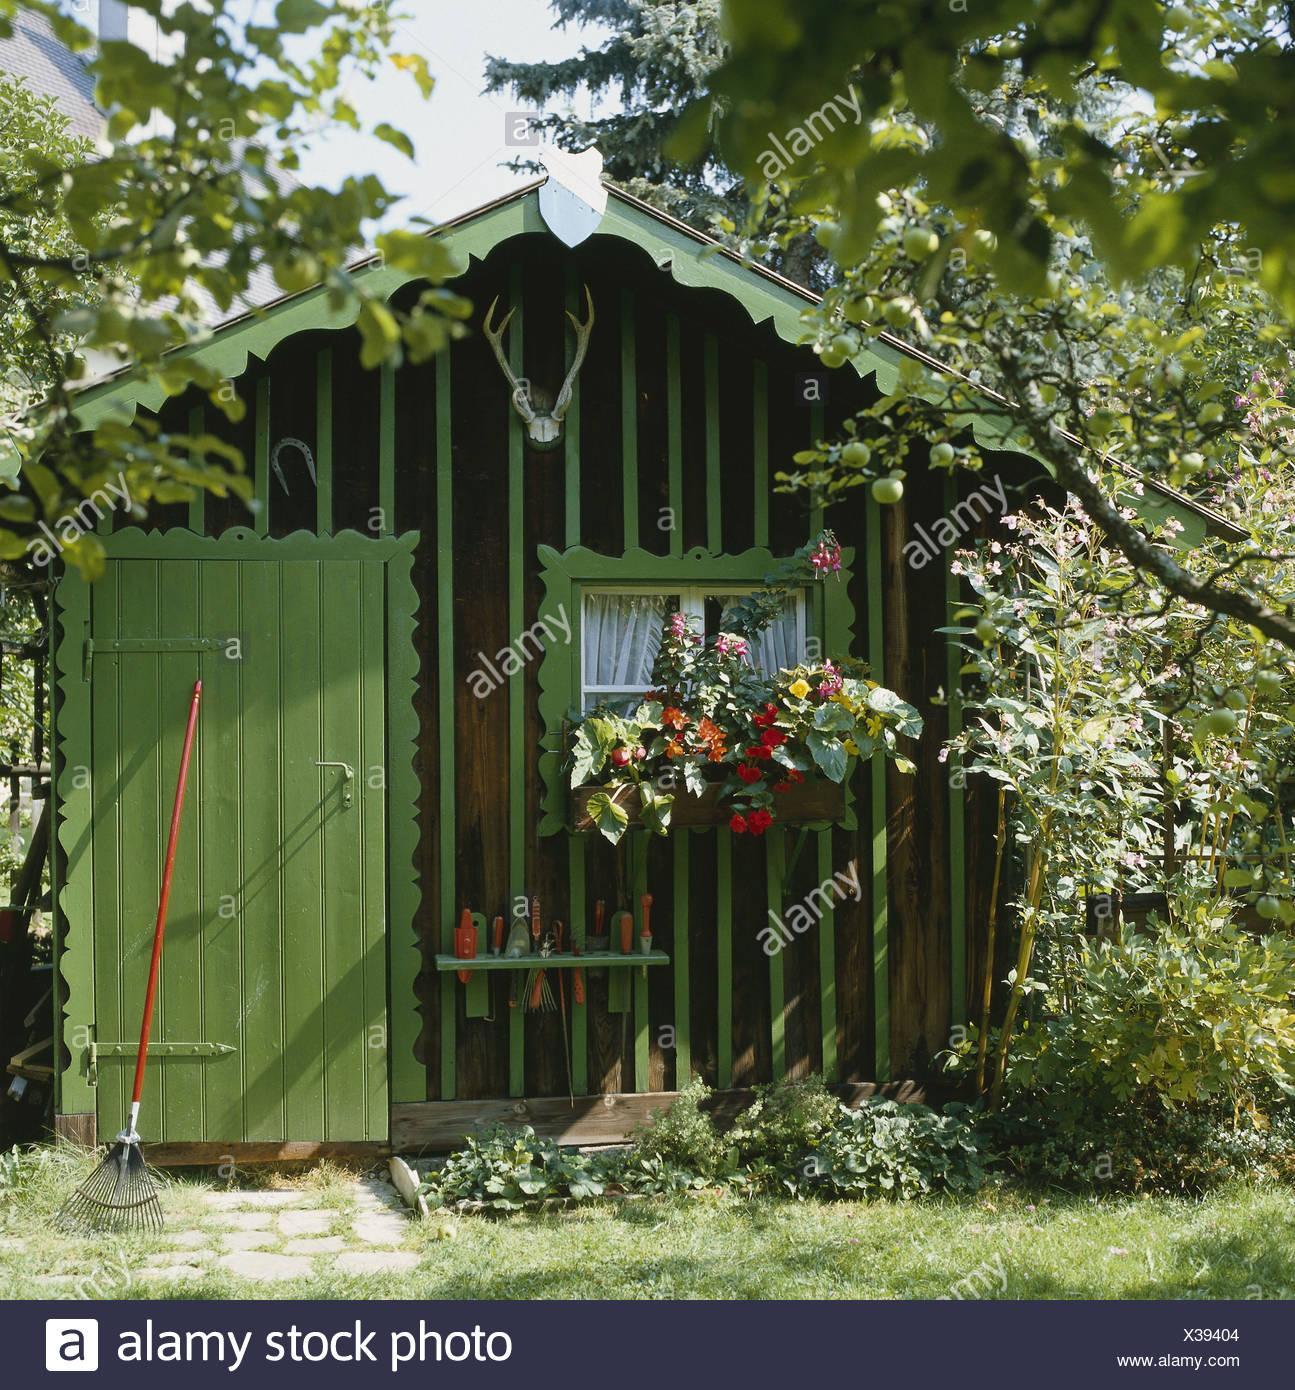 kleine gartenhäuser, grün, ebene, sommer, gerät skalen, obstbaum